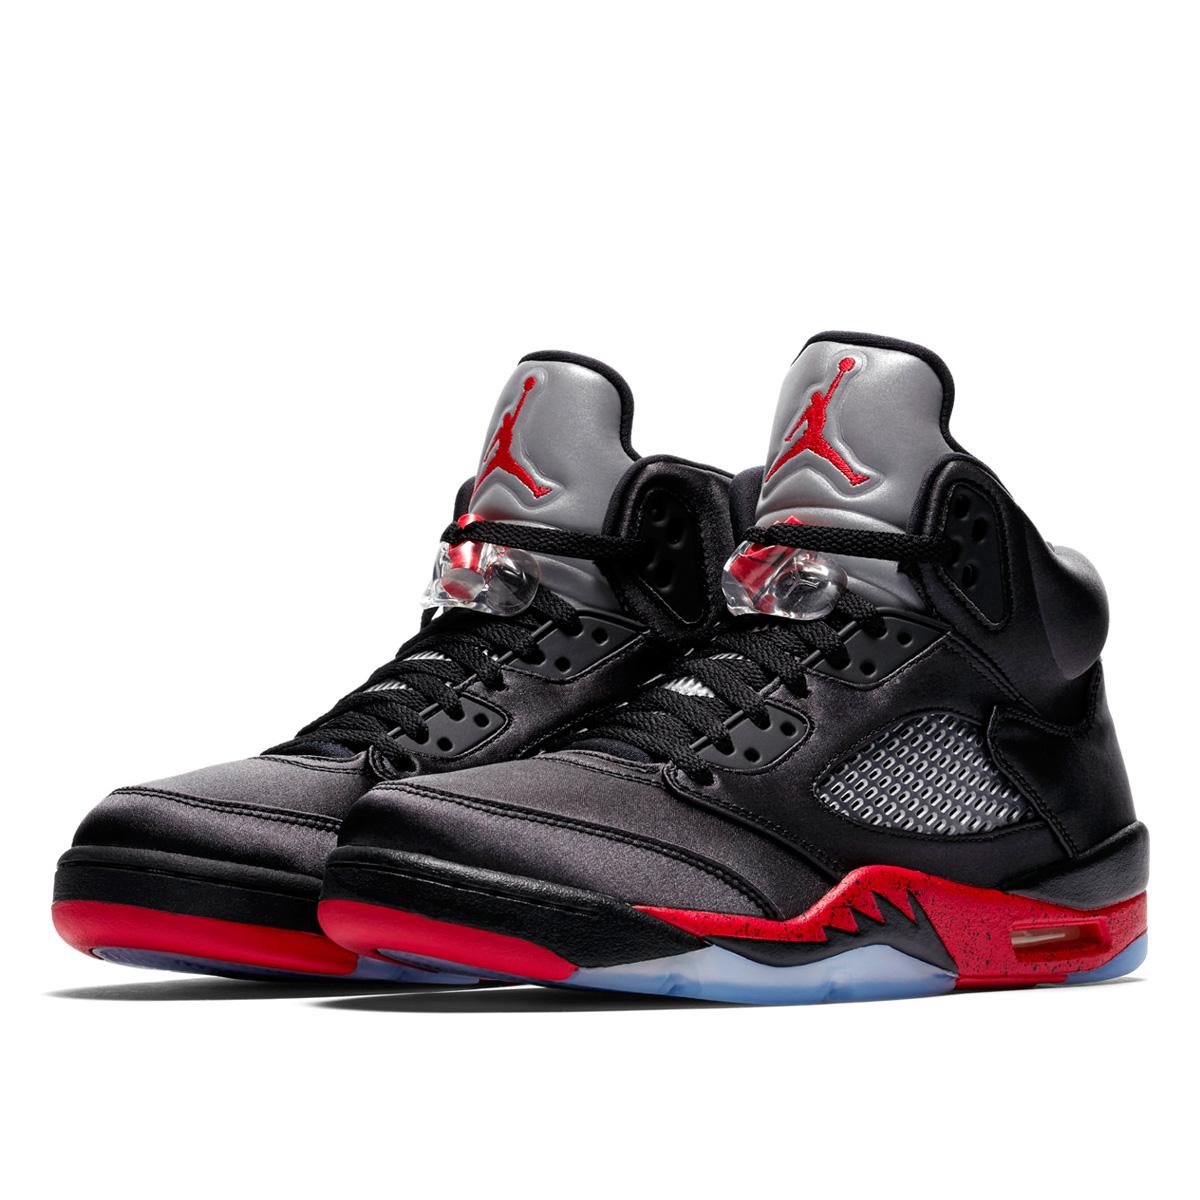 a66c56e3fdc5 LOWTEX PLUS  NIKE AIR JORDAN 5 RETRO Nike Air Jordan 5 nostalgic SATIN BLACK  UNIVERSITY RED 136